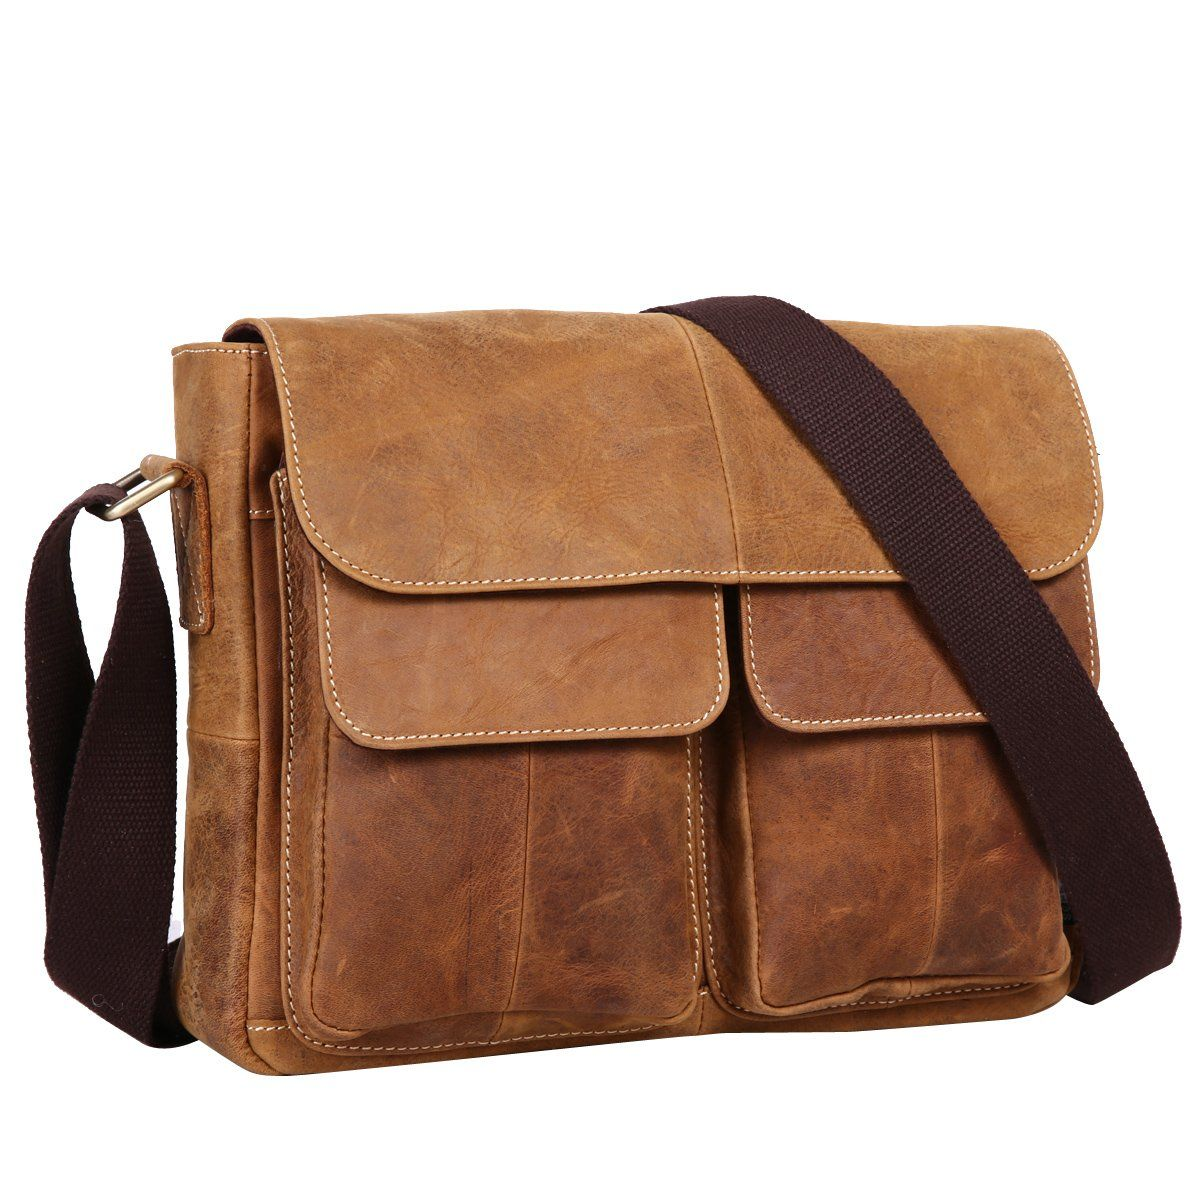 Leathario Classical Genuine Mens Leather Messenger Bag shoulder Satchel bag  CrossBody bag laptop briefcase 9ec6ba4a70e0b